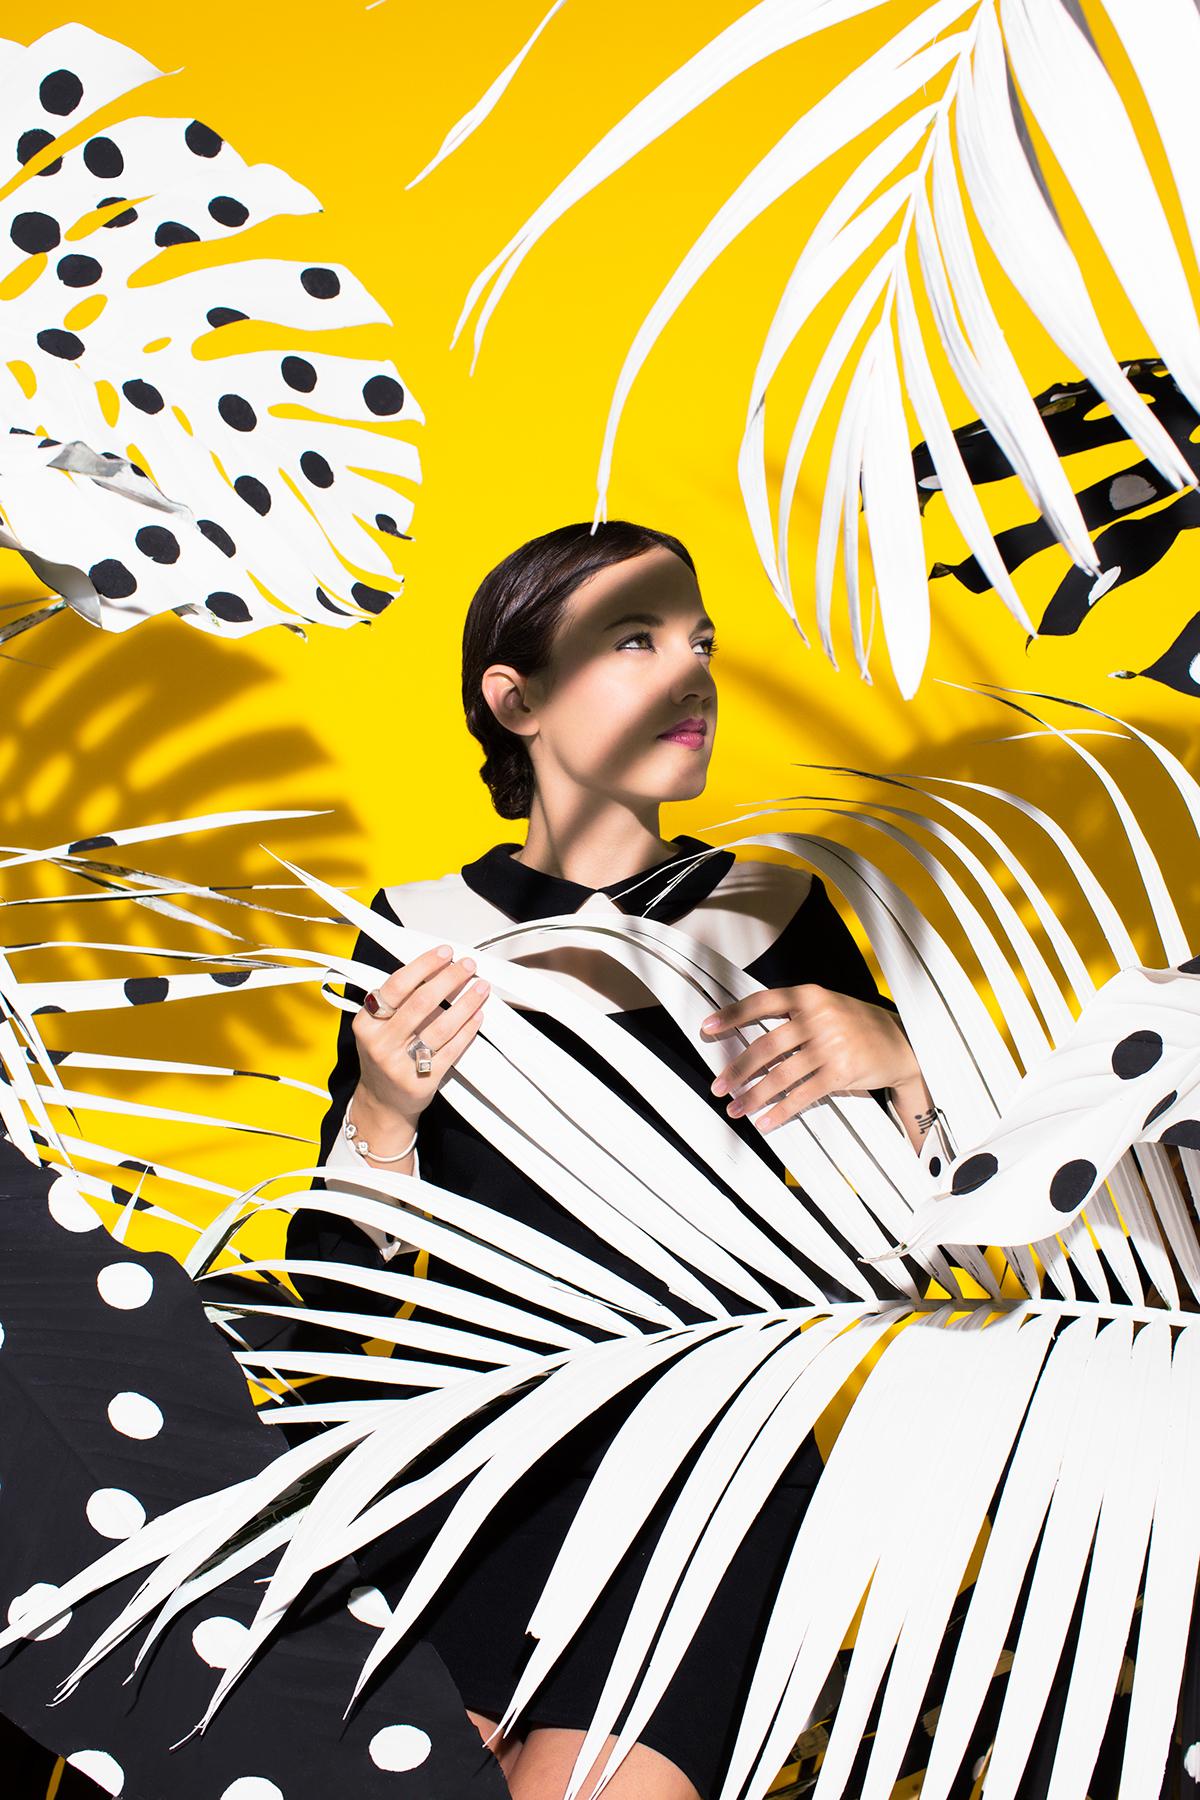 jain Makeba Sony Music photo art work